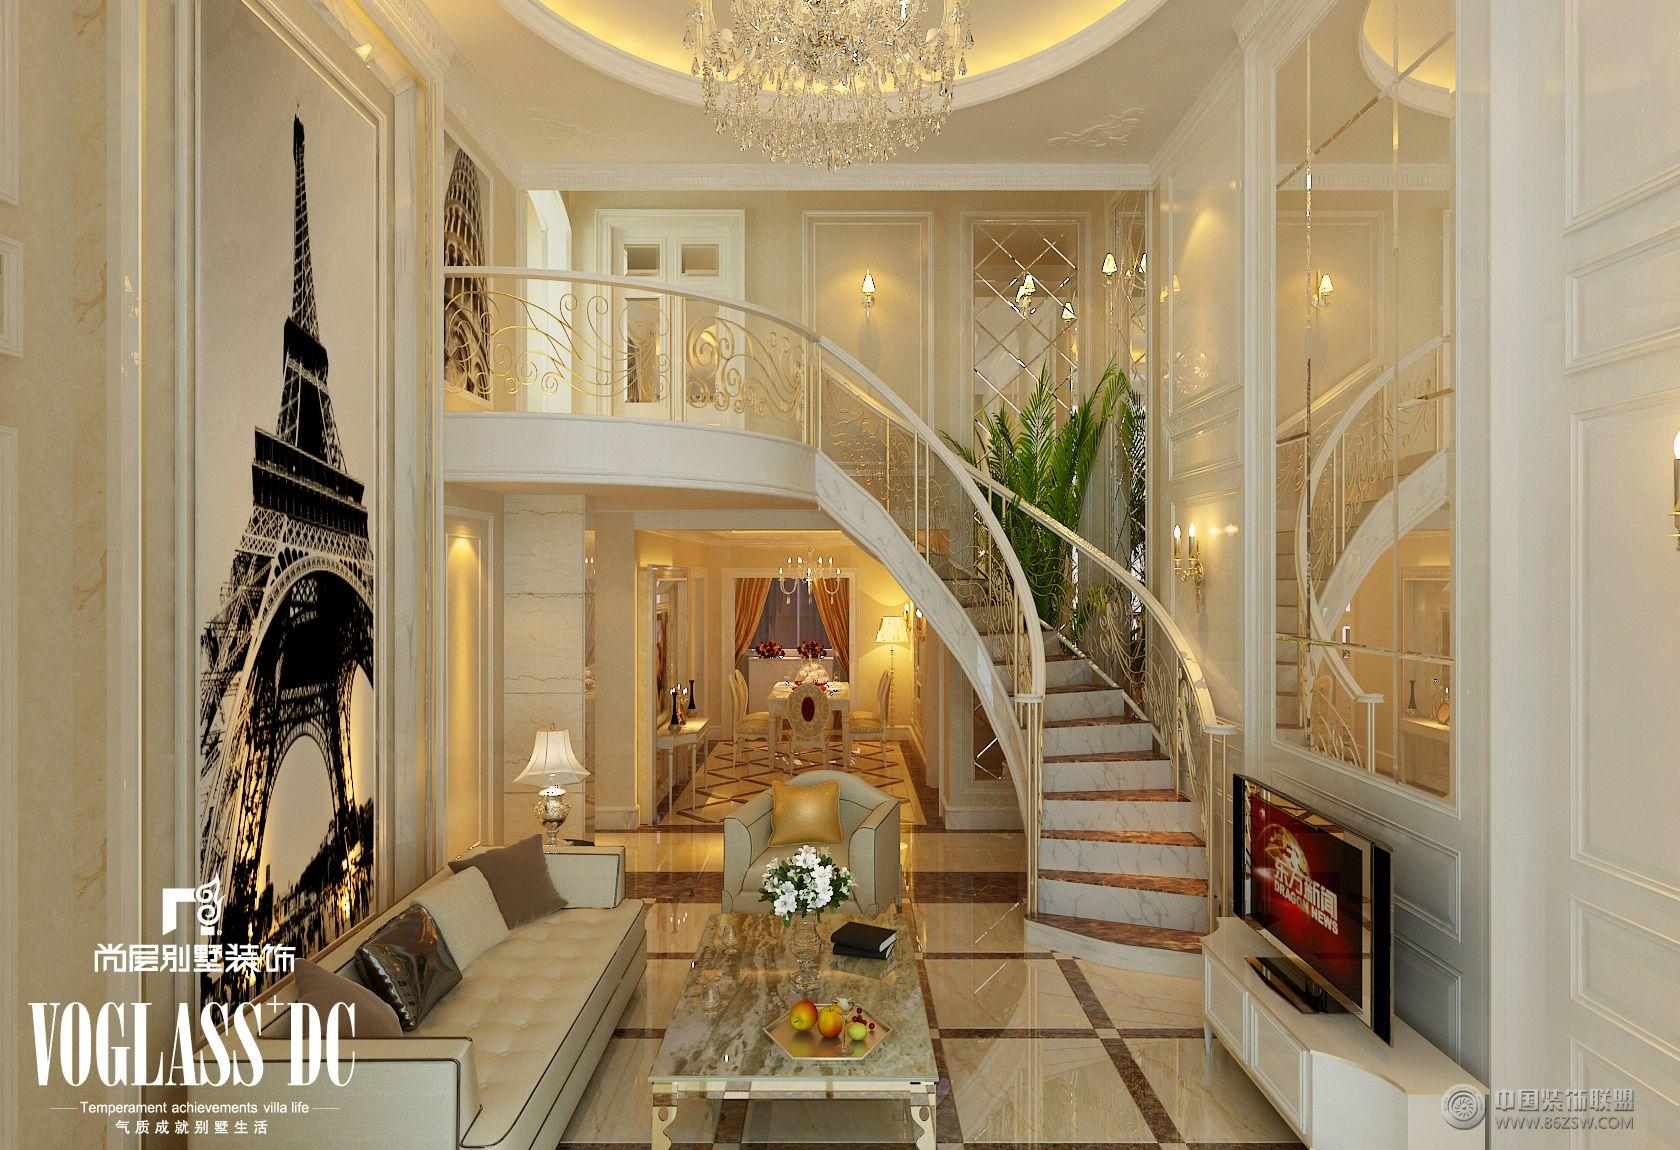 客厅装修效果图 成都尚层装饰别墅装修欧式风格实景案例 【单张】